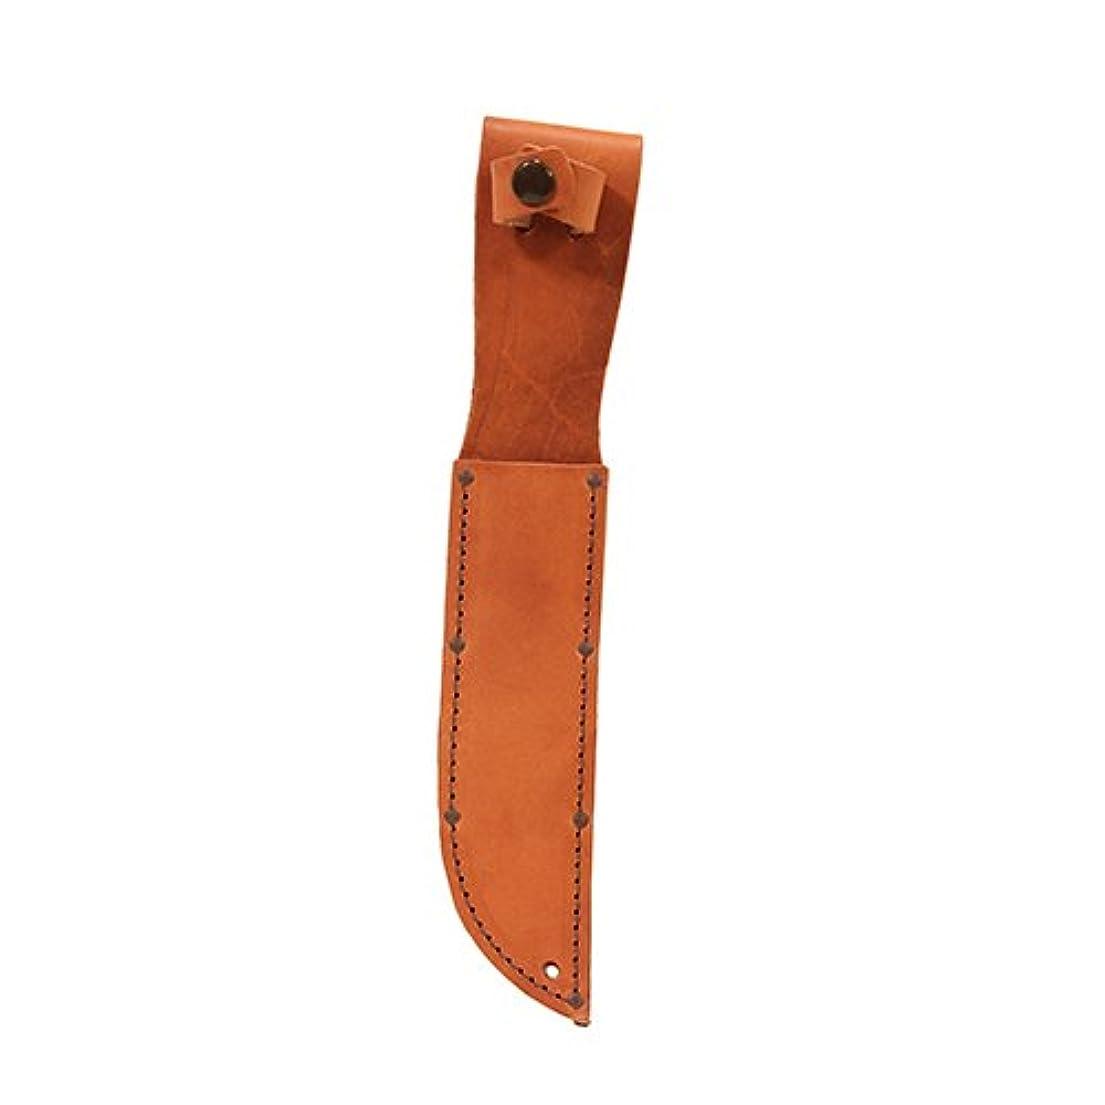 手伝う社説郡Ka-Bar Leather Sheath, 7-Inch, Brown by Ka-Bar